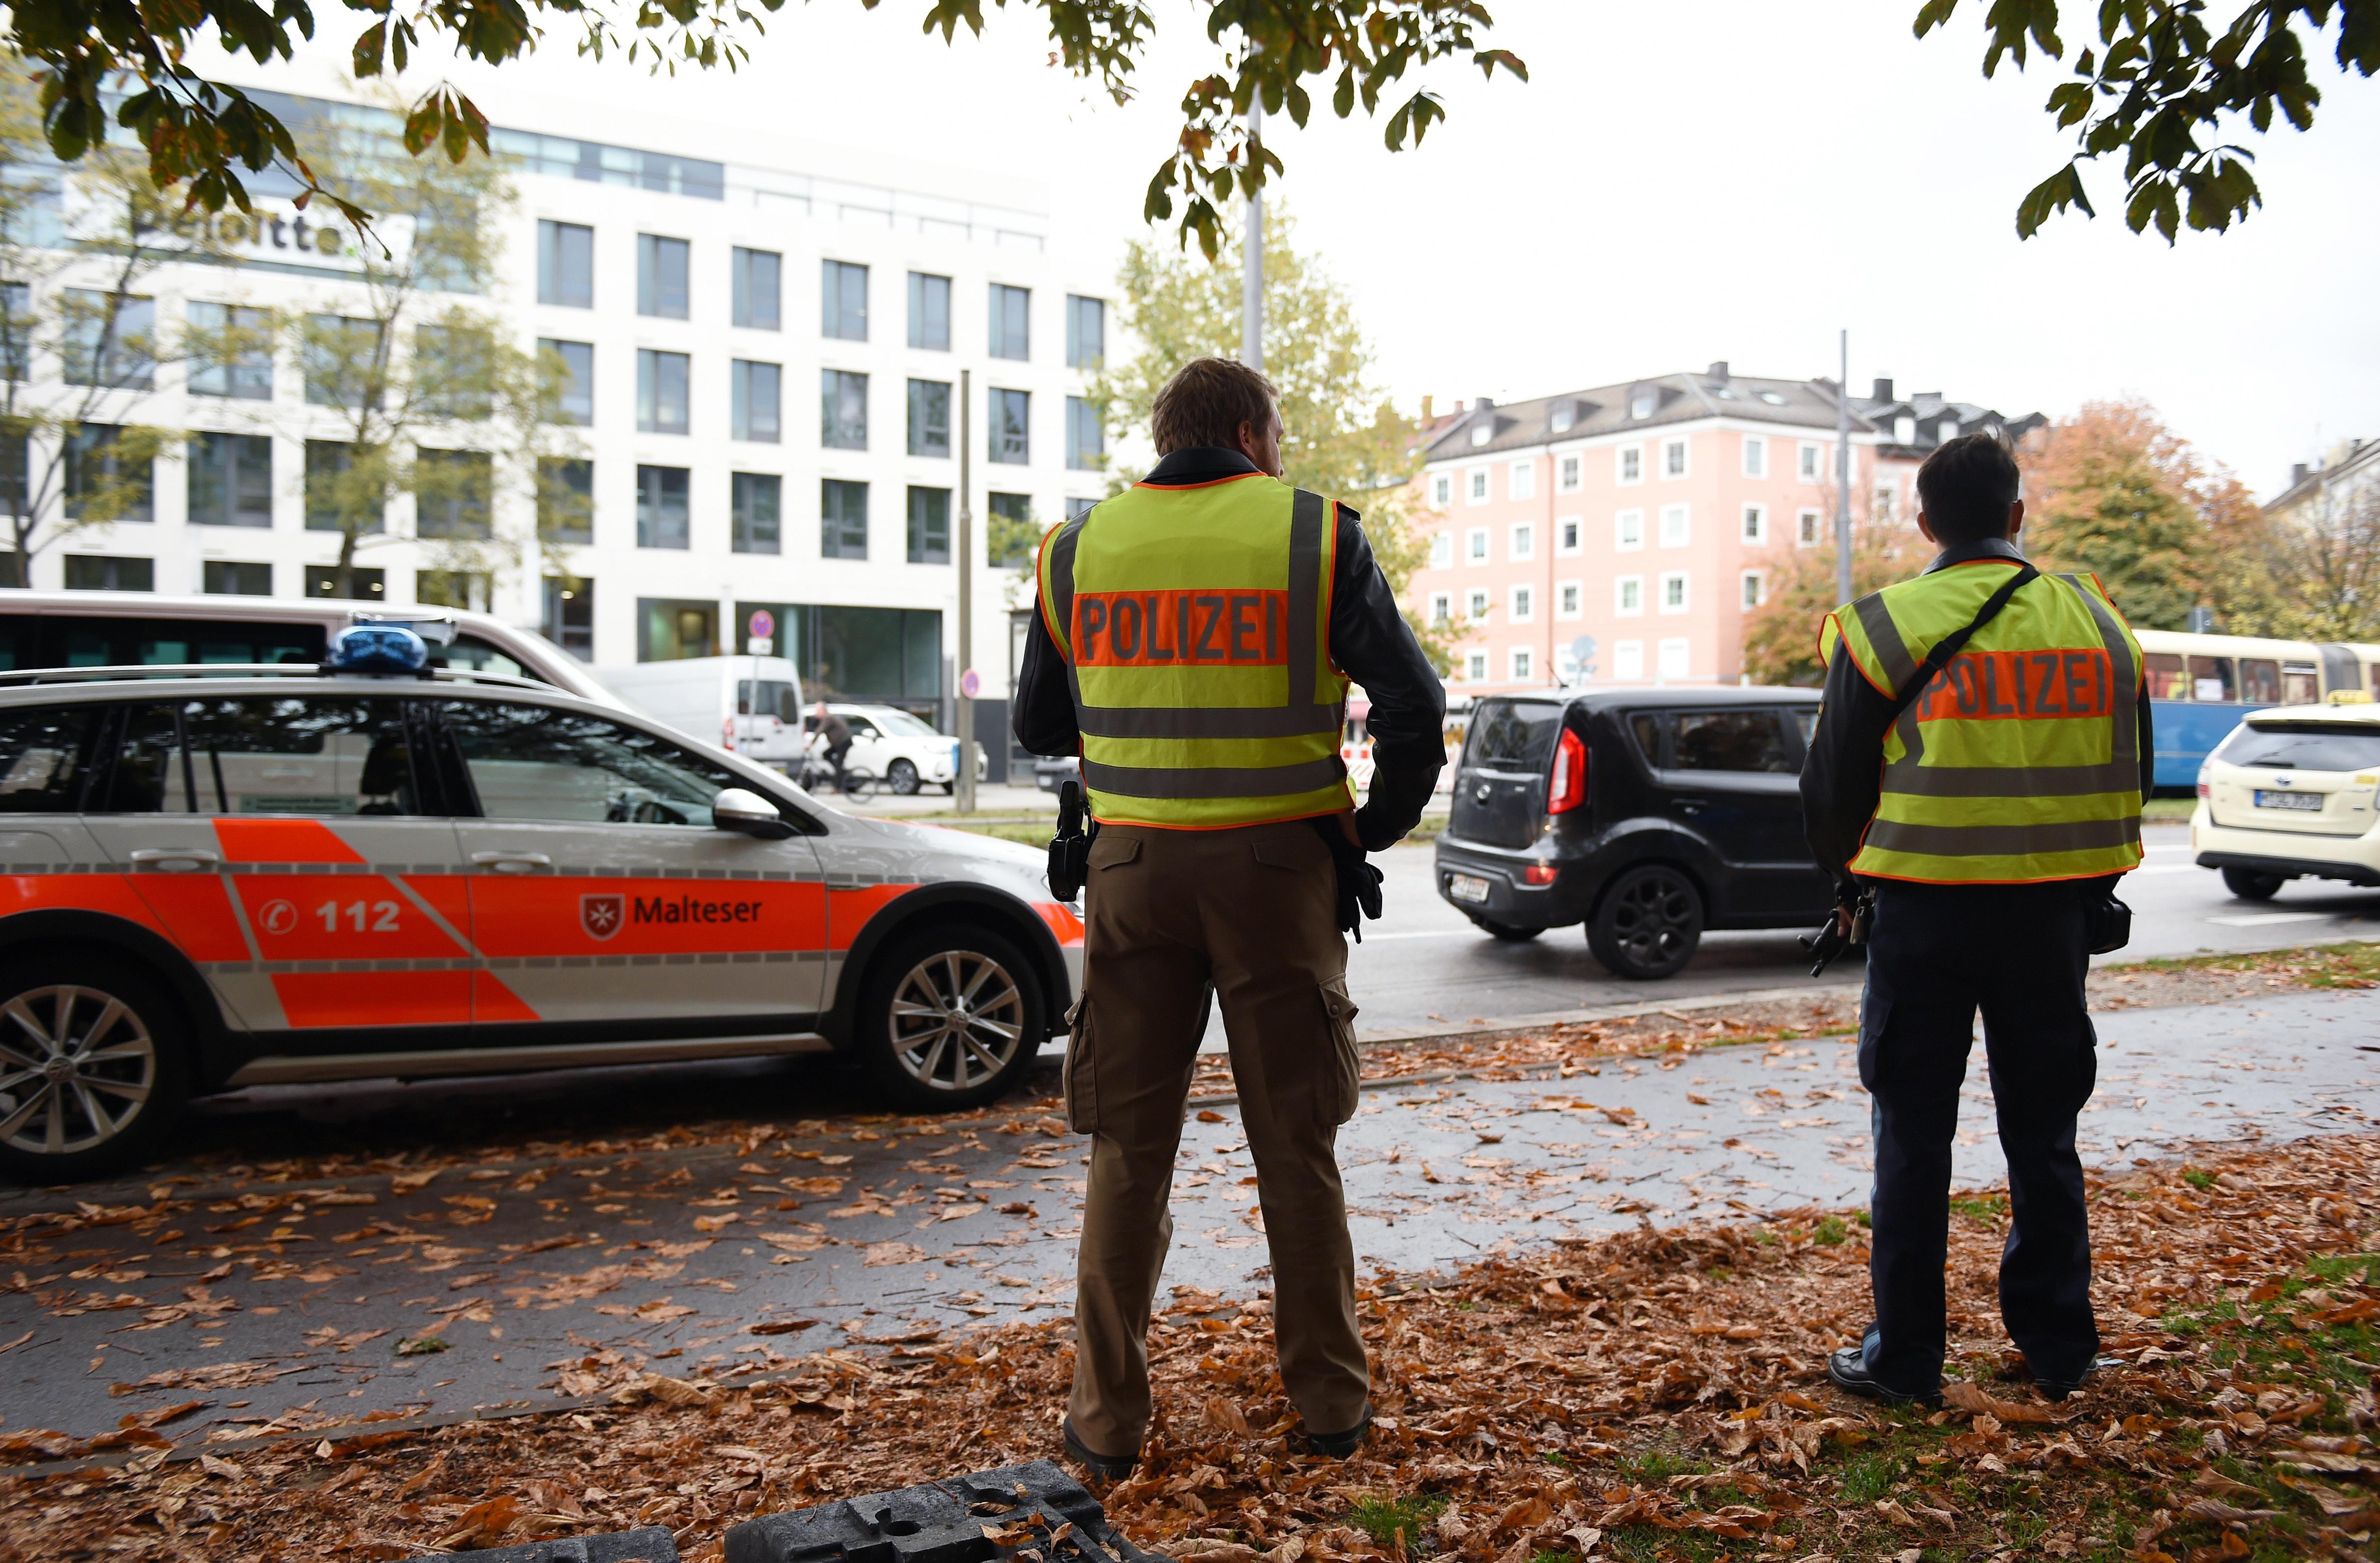 Germania, accoltella passanti a Monaco: ci sono feriti, fermato un sospetto